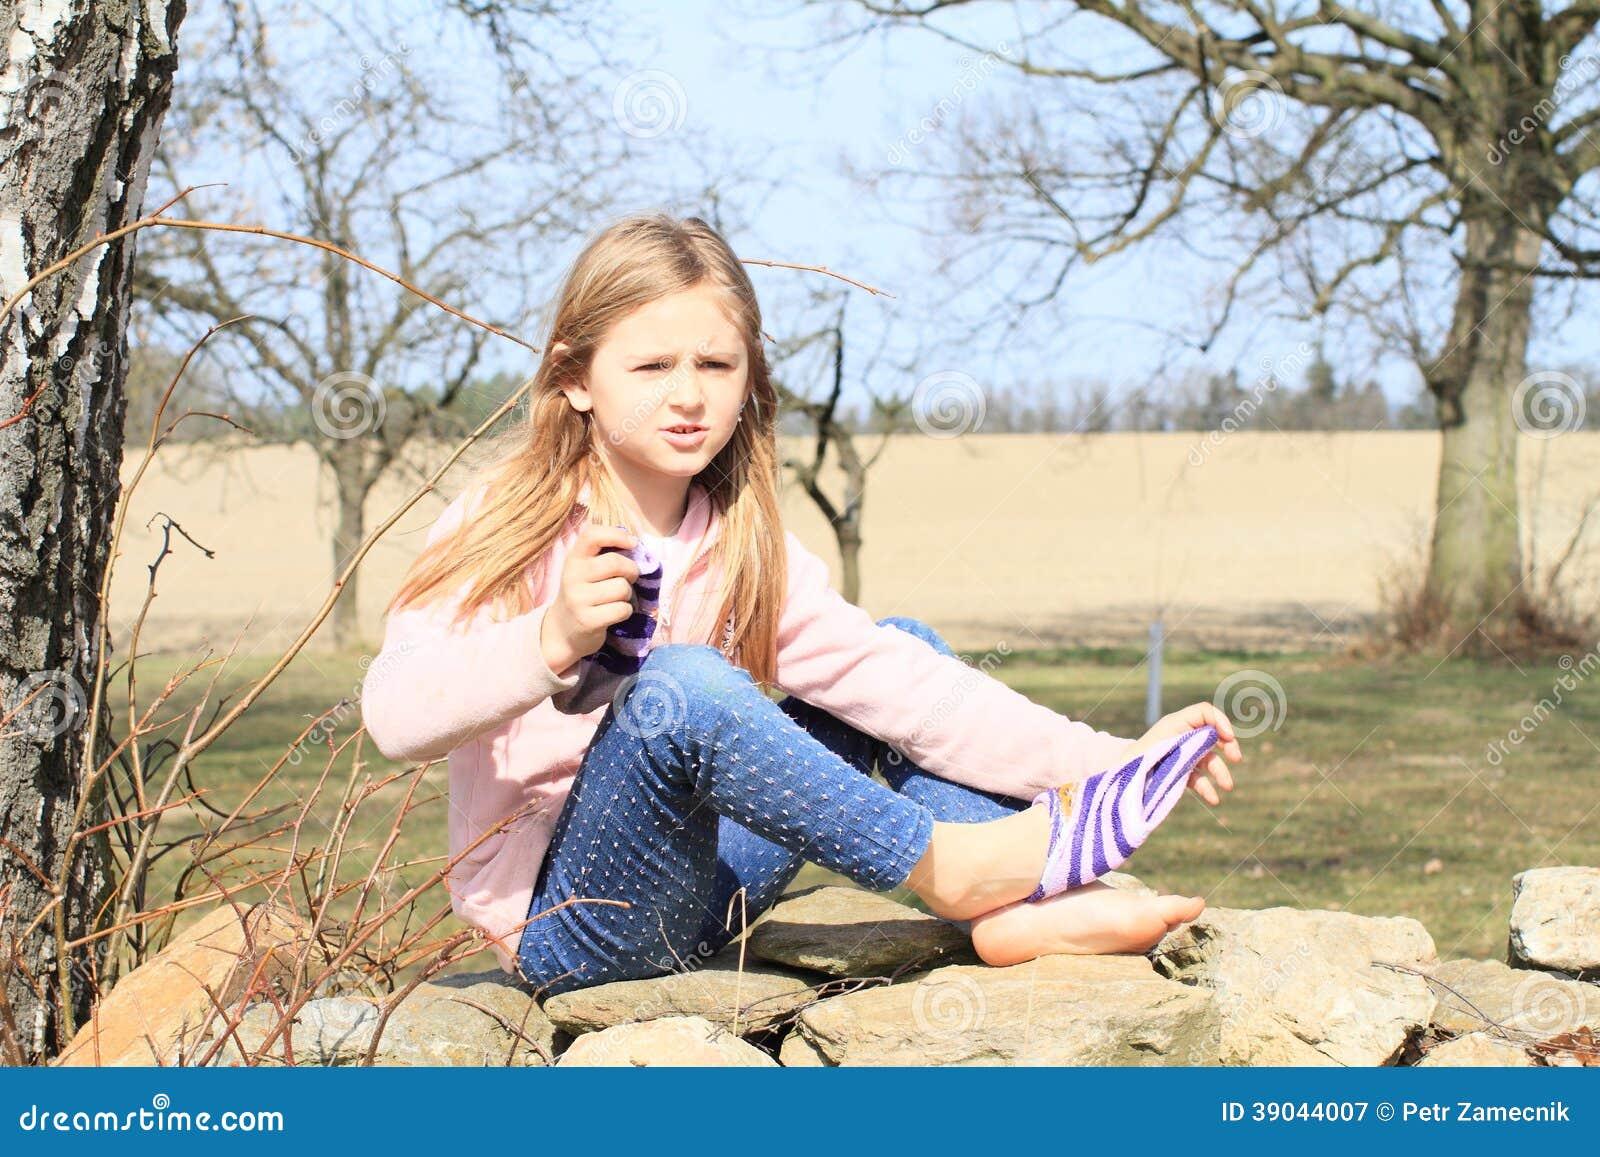 girls taking socks off